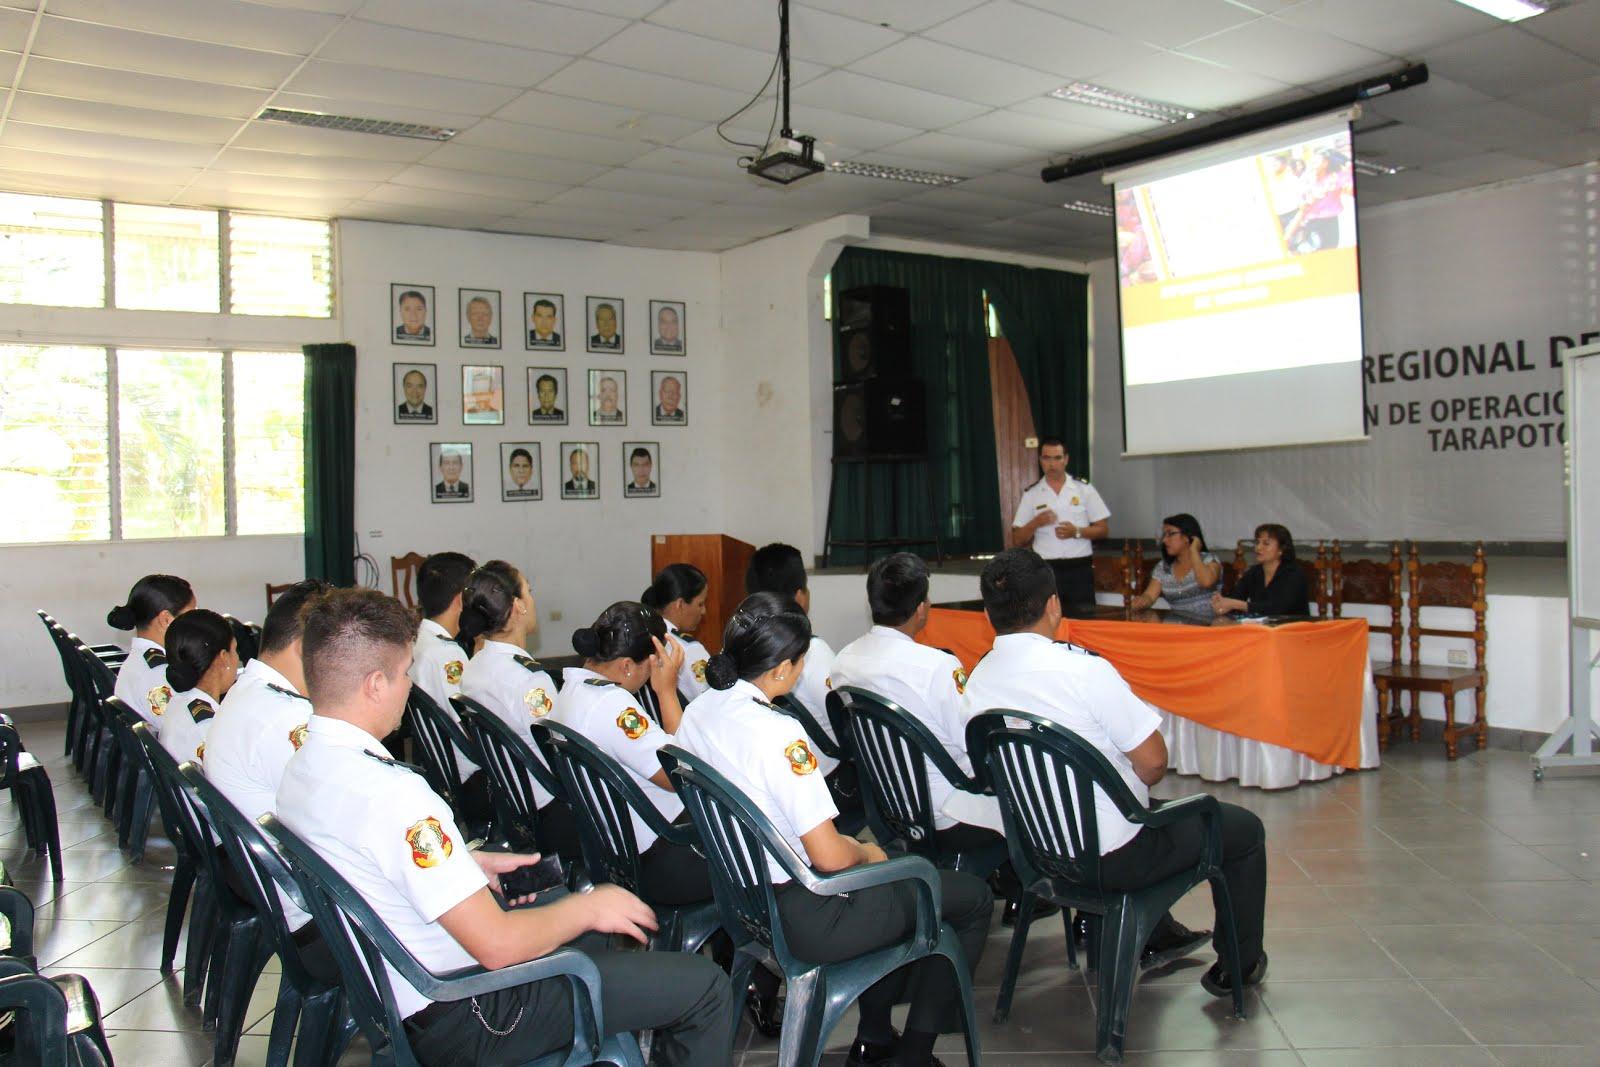 Coordinan con autoridades para dar más seguridad a turistas que visitan San Martín DIRCETUR Bajo Ma